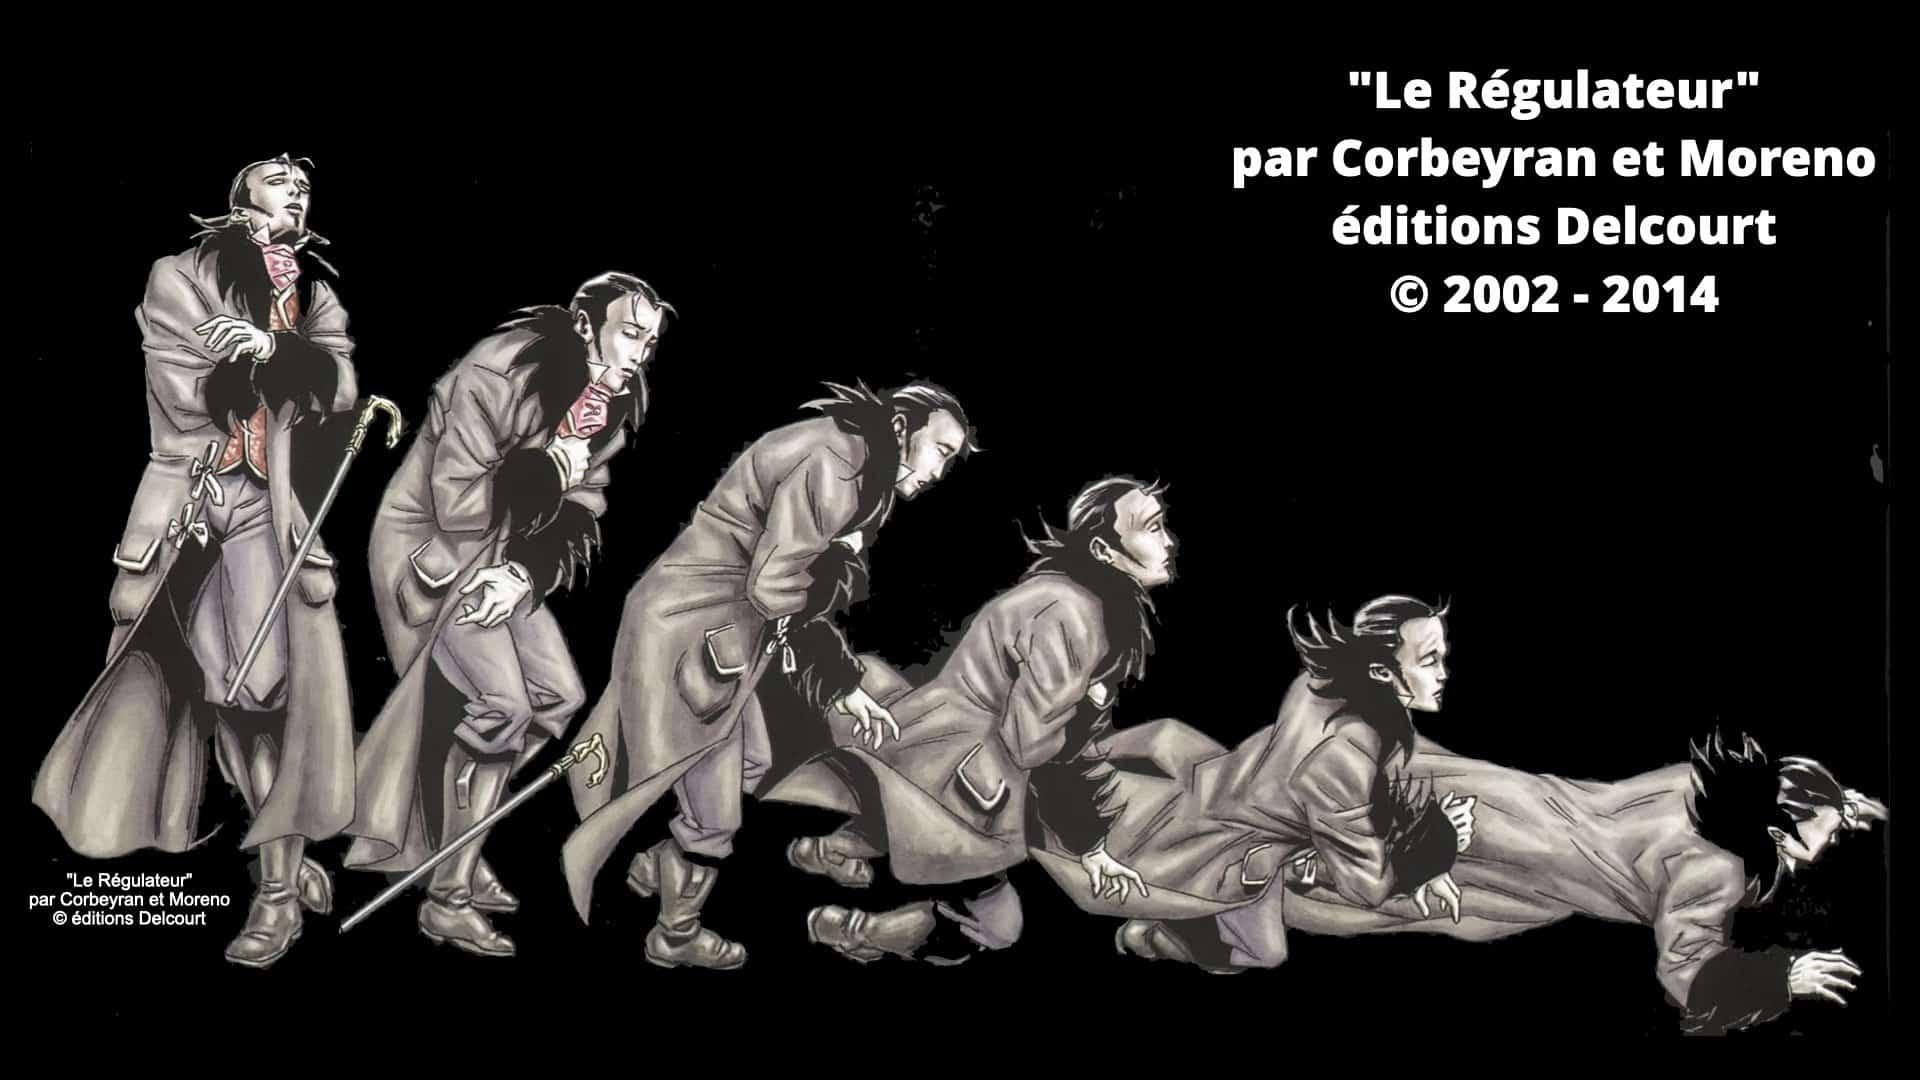 générique Delcourt Soleil 2021 ***16:9***.032